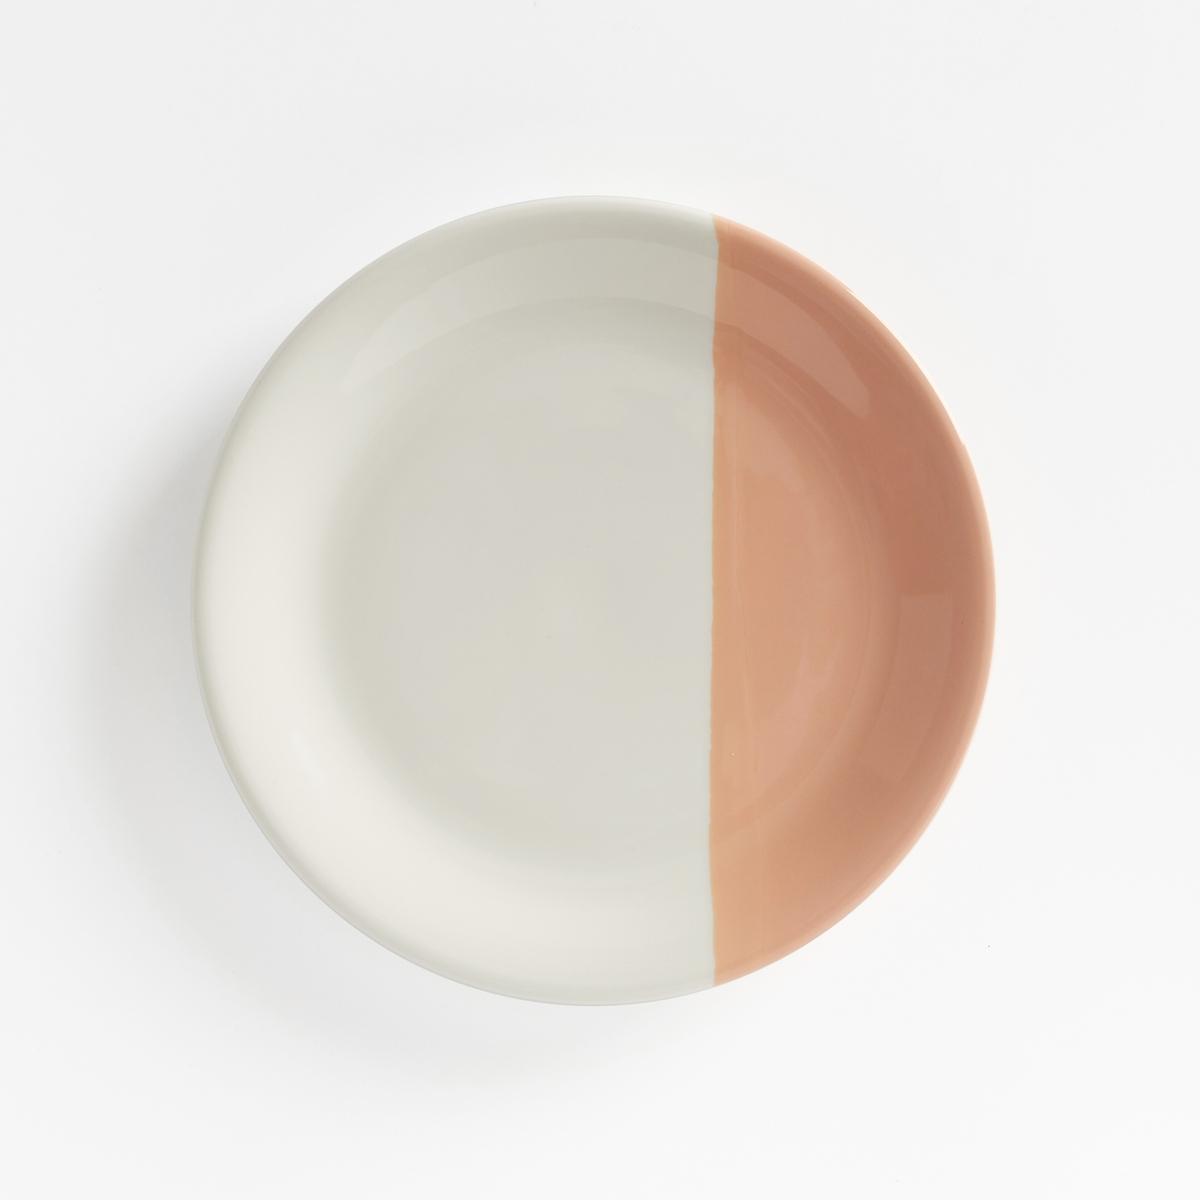 Комплект из 4 десертных тарелок, ZALATO комплект тарелок jardin